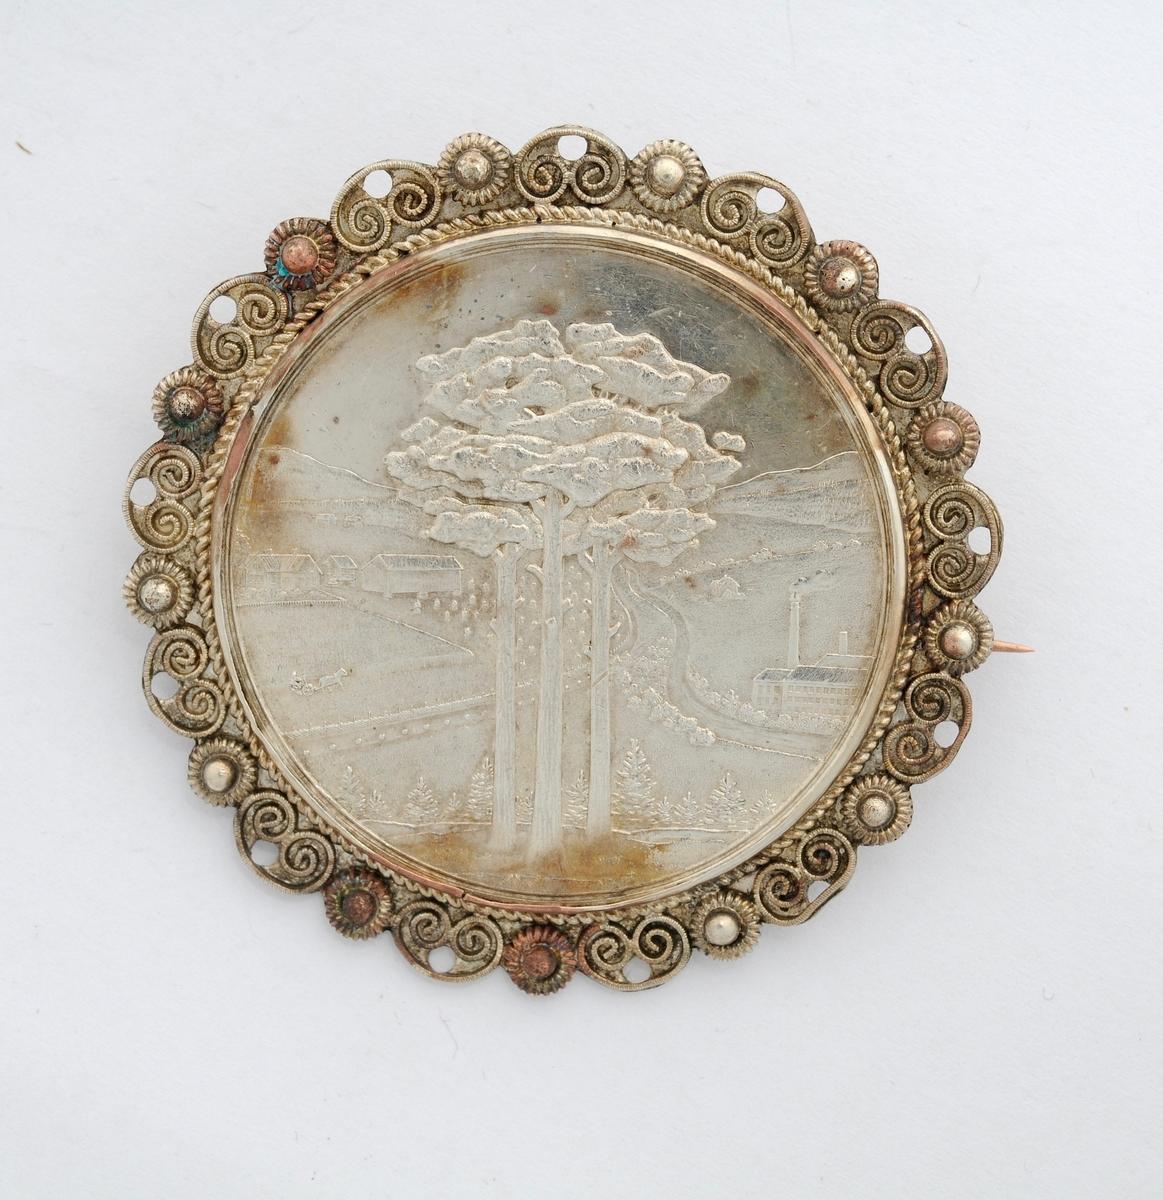 """Sølje, medalje, motiv av tre, industri og landskap. Medalja er sett inn i ein støypt ring i sølv som er dekorert med filigran (krusar og """"bladnyre"""") rundt kanten på framsida. Moderne nål og krok på baksida. Merka med tekst på baksida."""